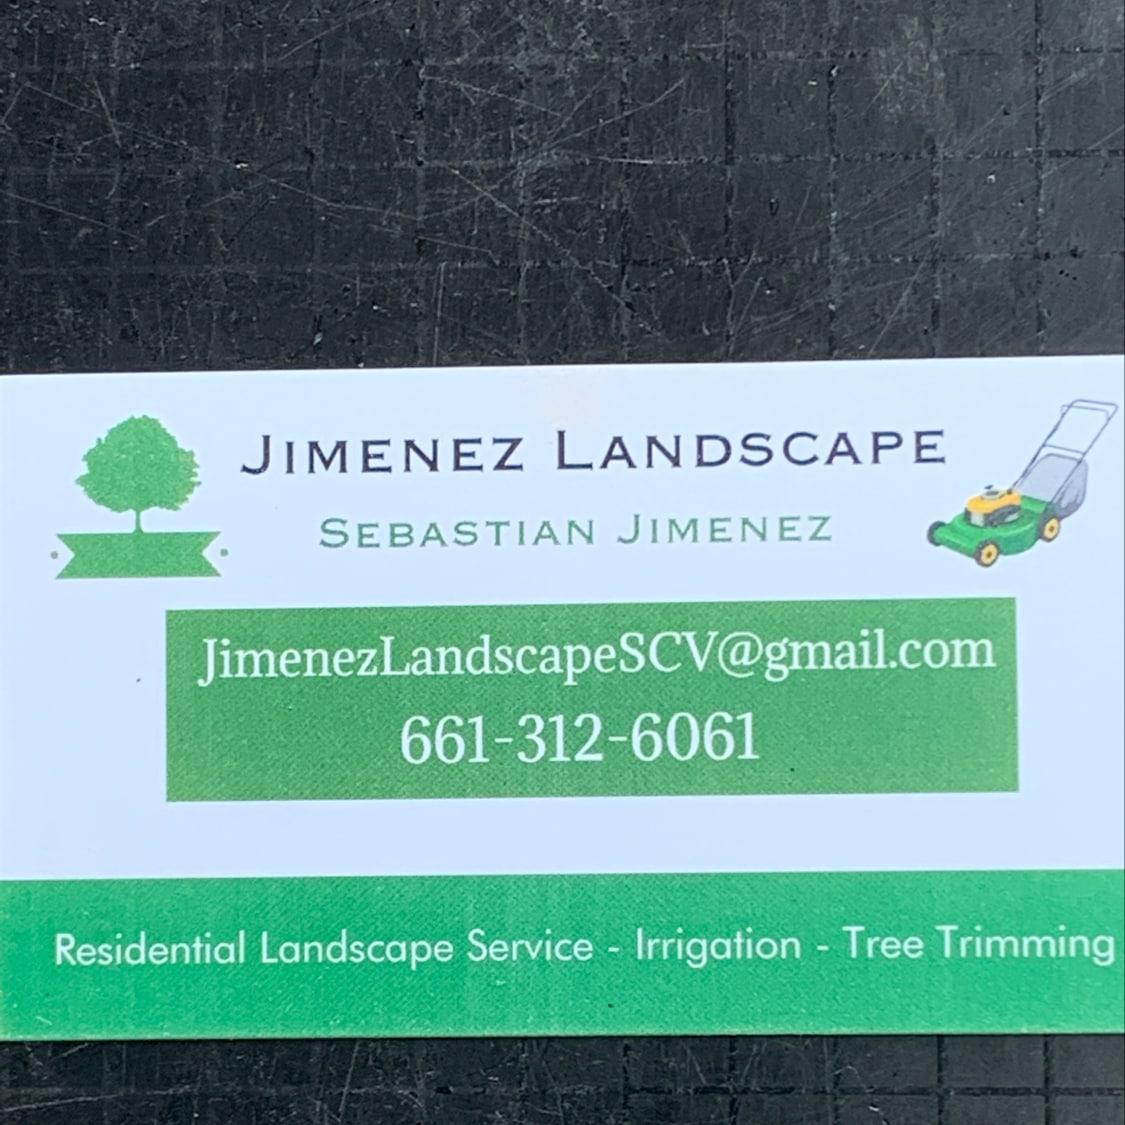 Jimenez Landscape SCV